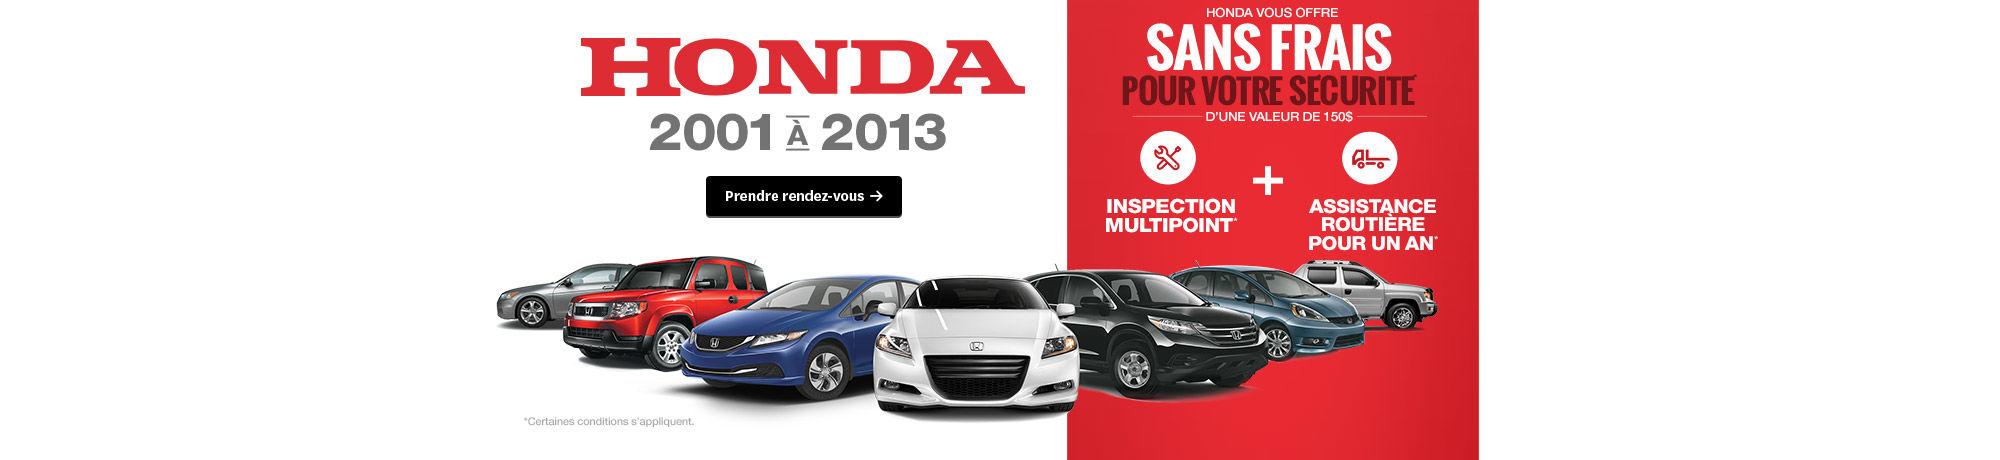 Honda 2001 à 2013